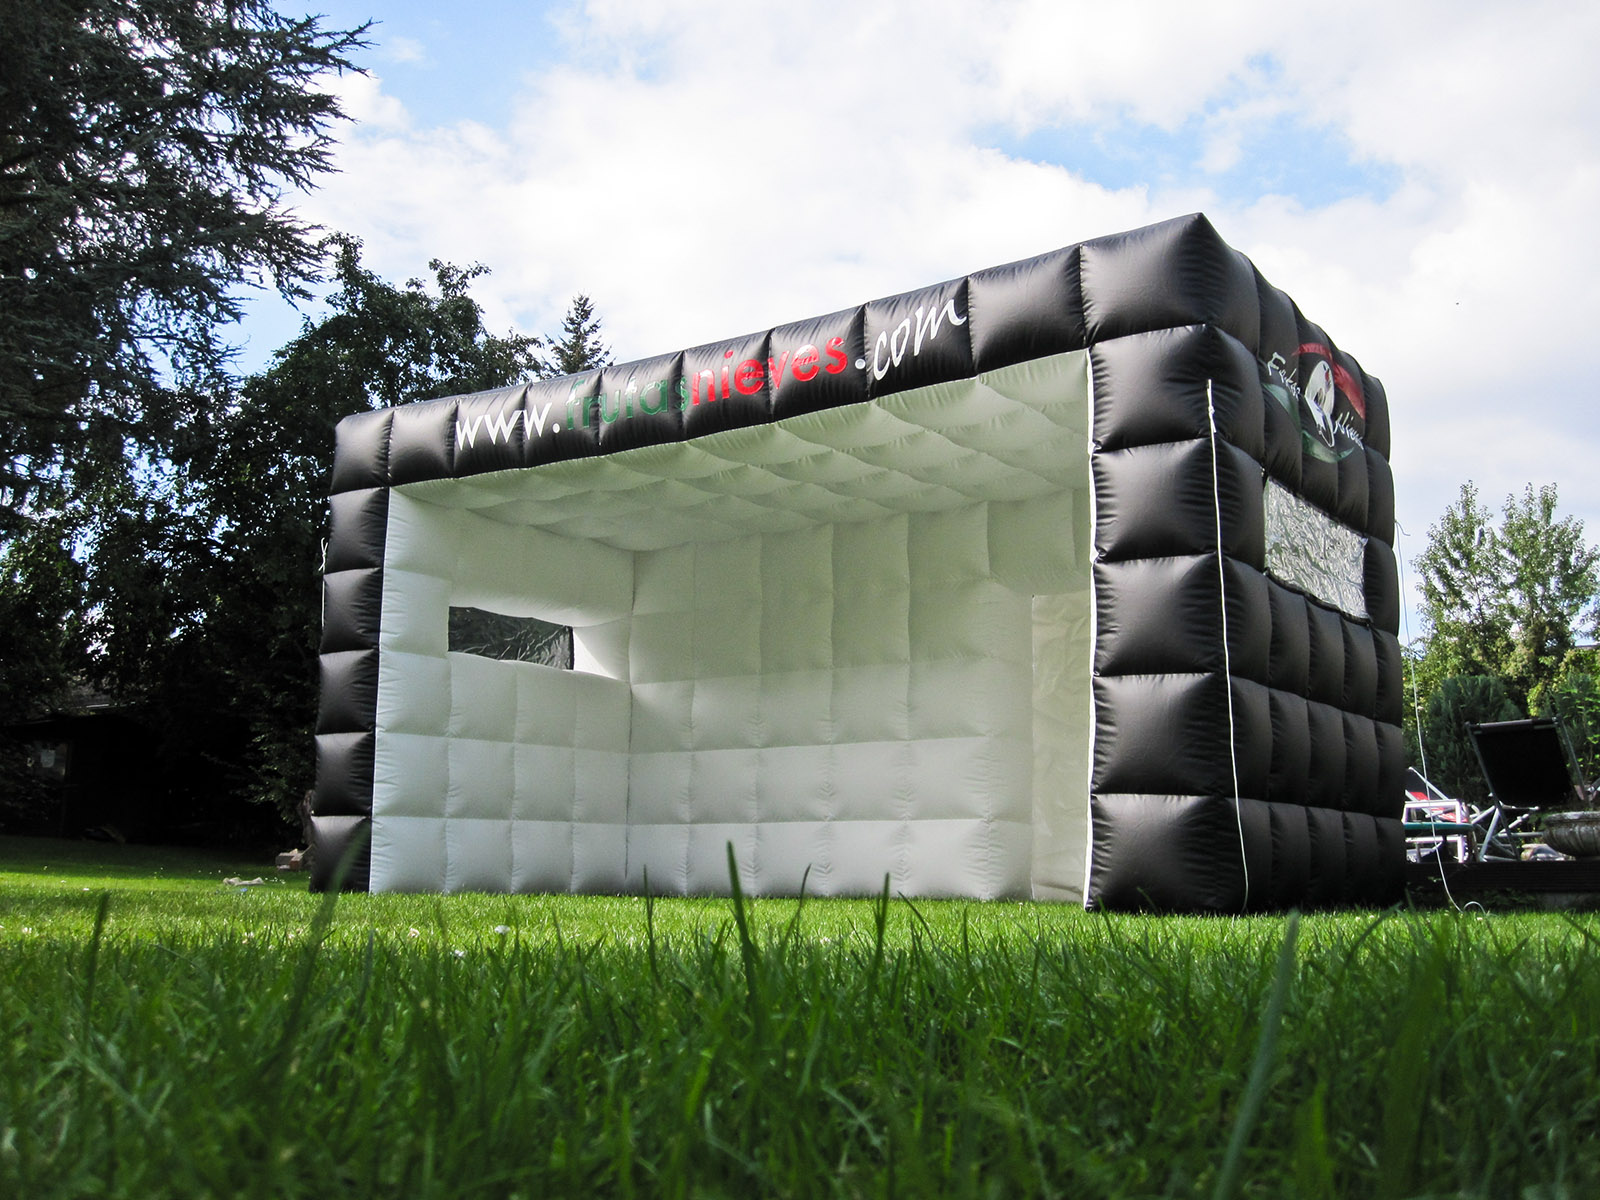 aufblasbares Riesenzelt - aufblasbare Bühne - Quaderzelt